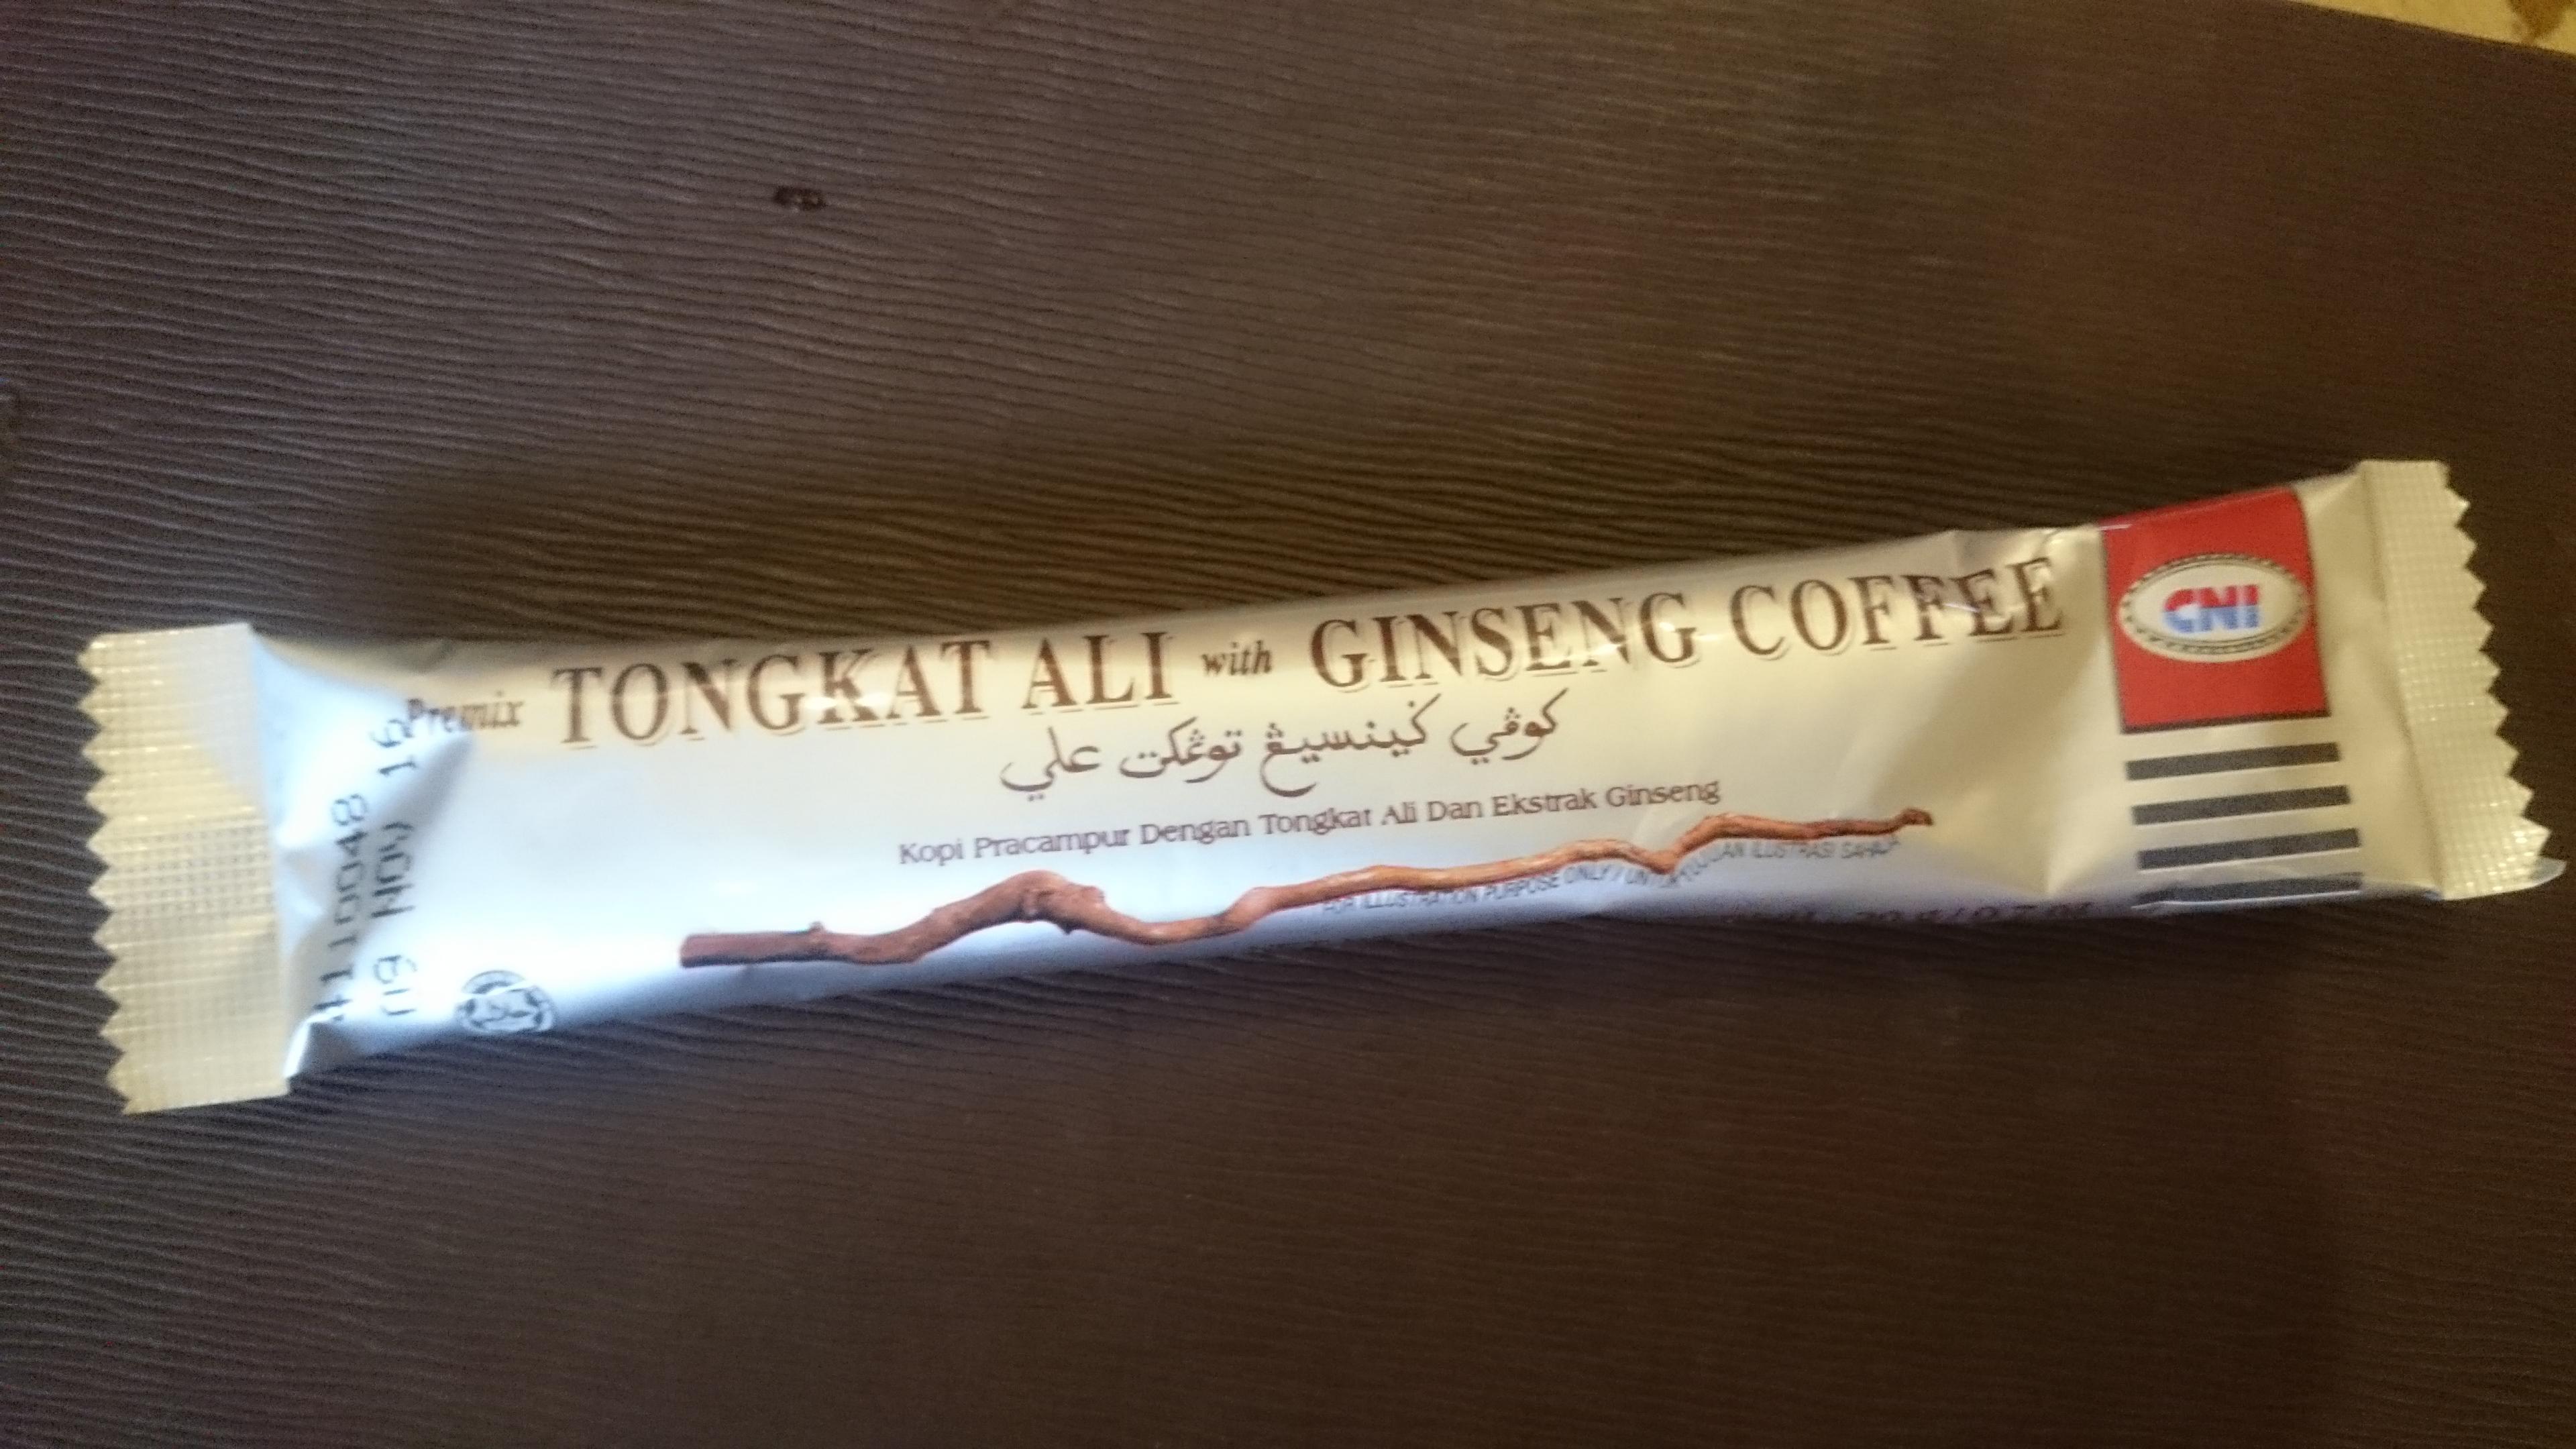 Kopi Ginseng Cni Coffee Daftar Harga Terkini Dan Terlengkap Toko Cafe Up Sugar Free Mlm Madness Bin Gregory Productions Source